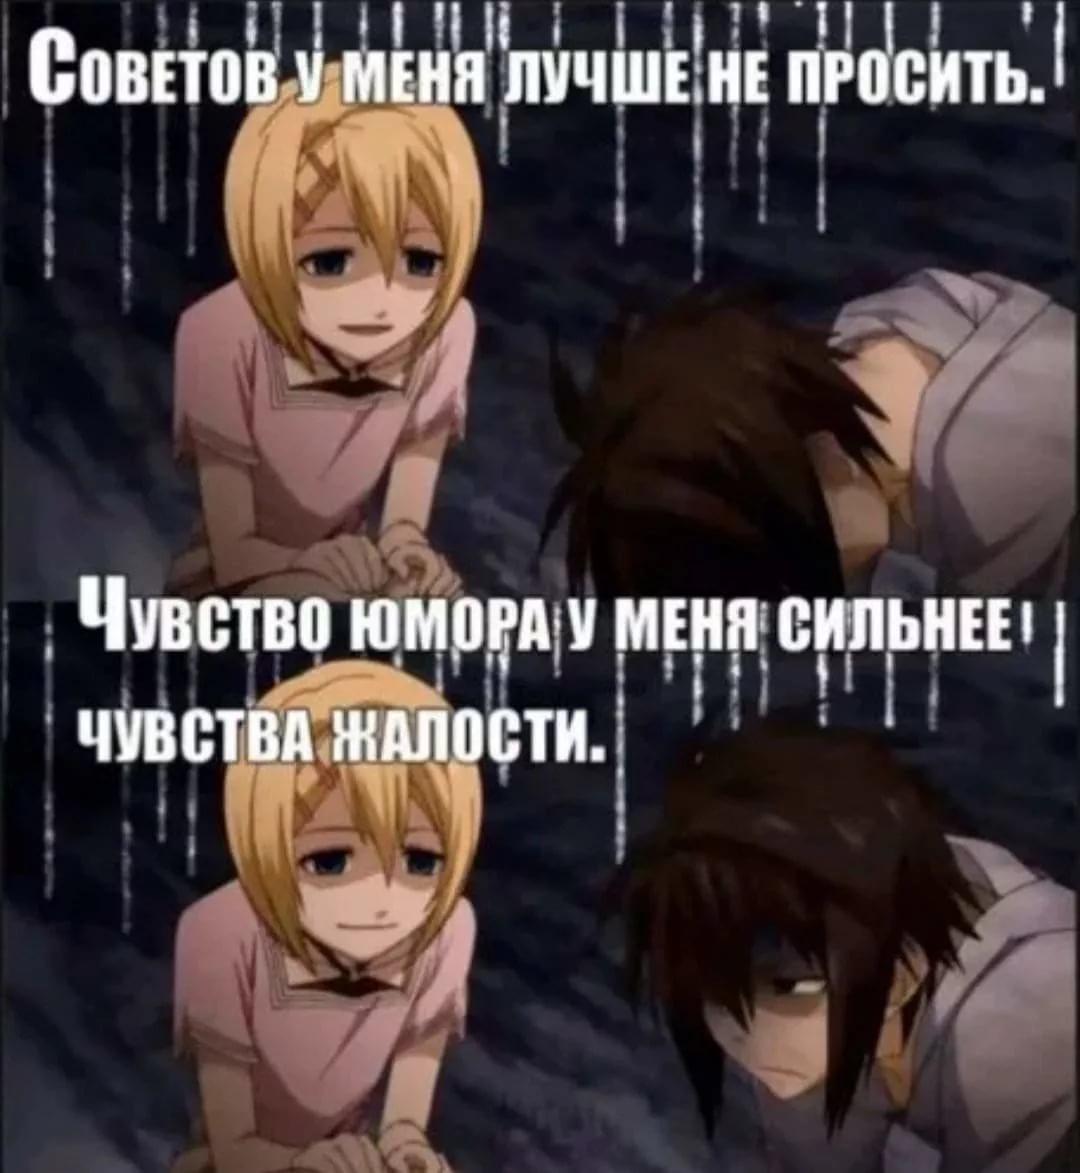 Угарные аниме мемы на русском про школу 16